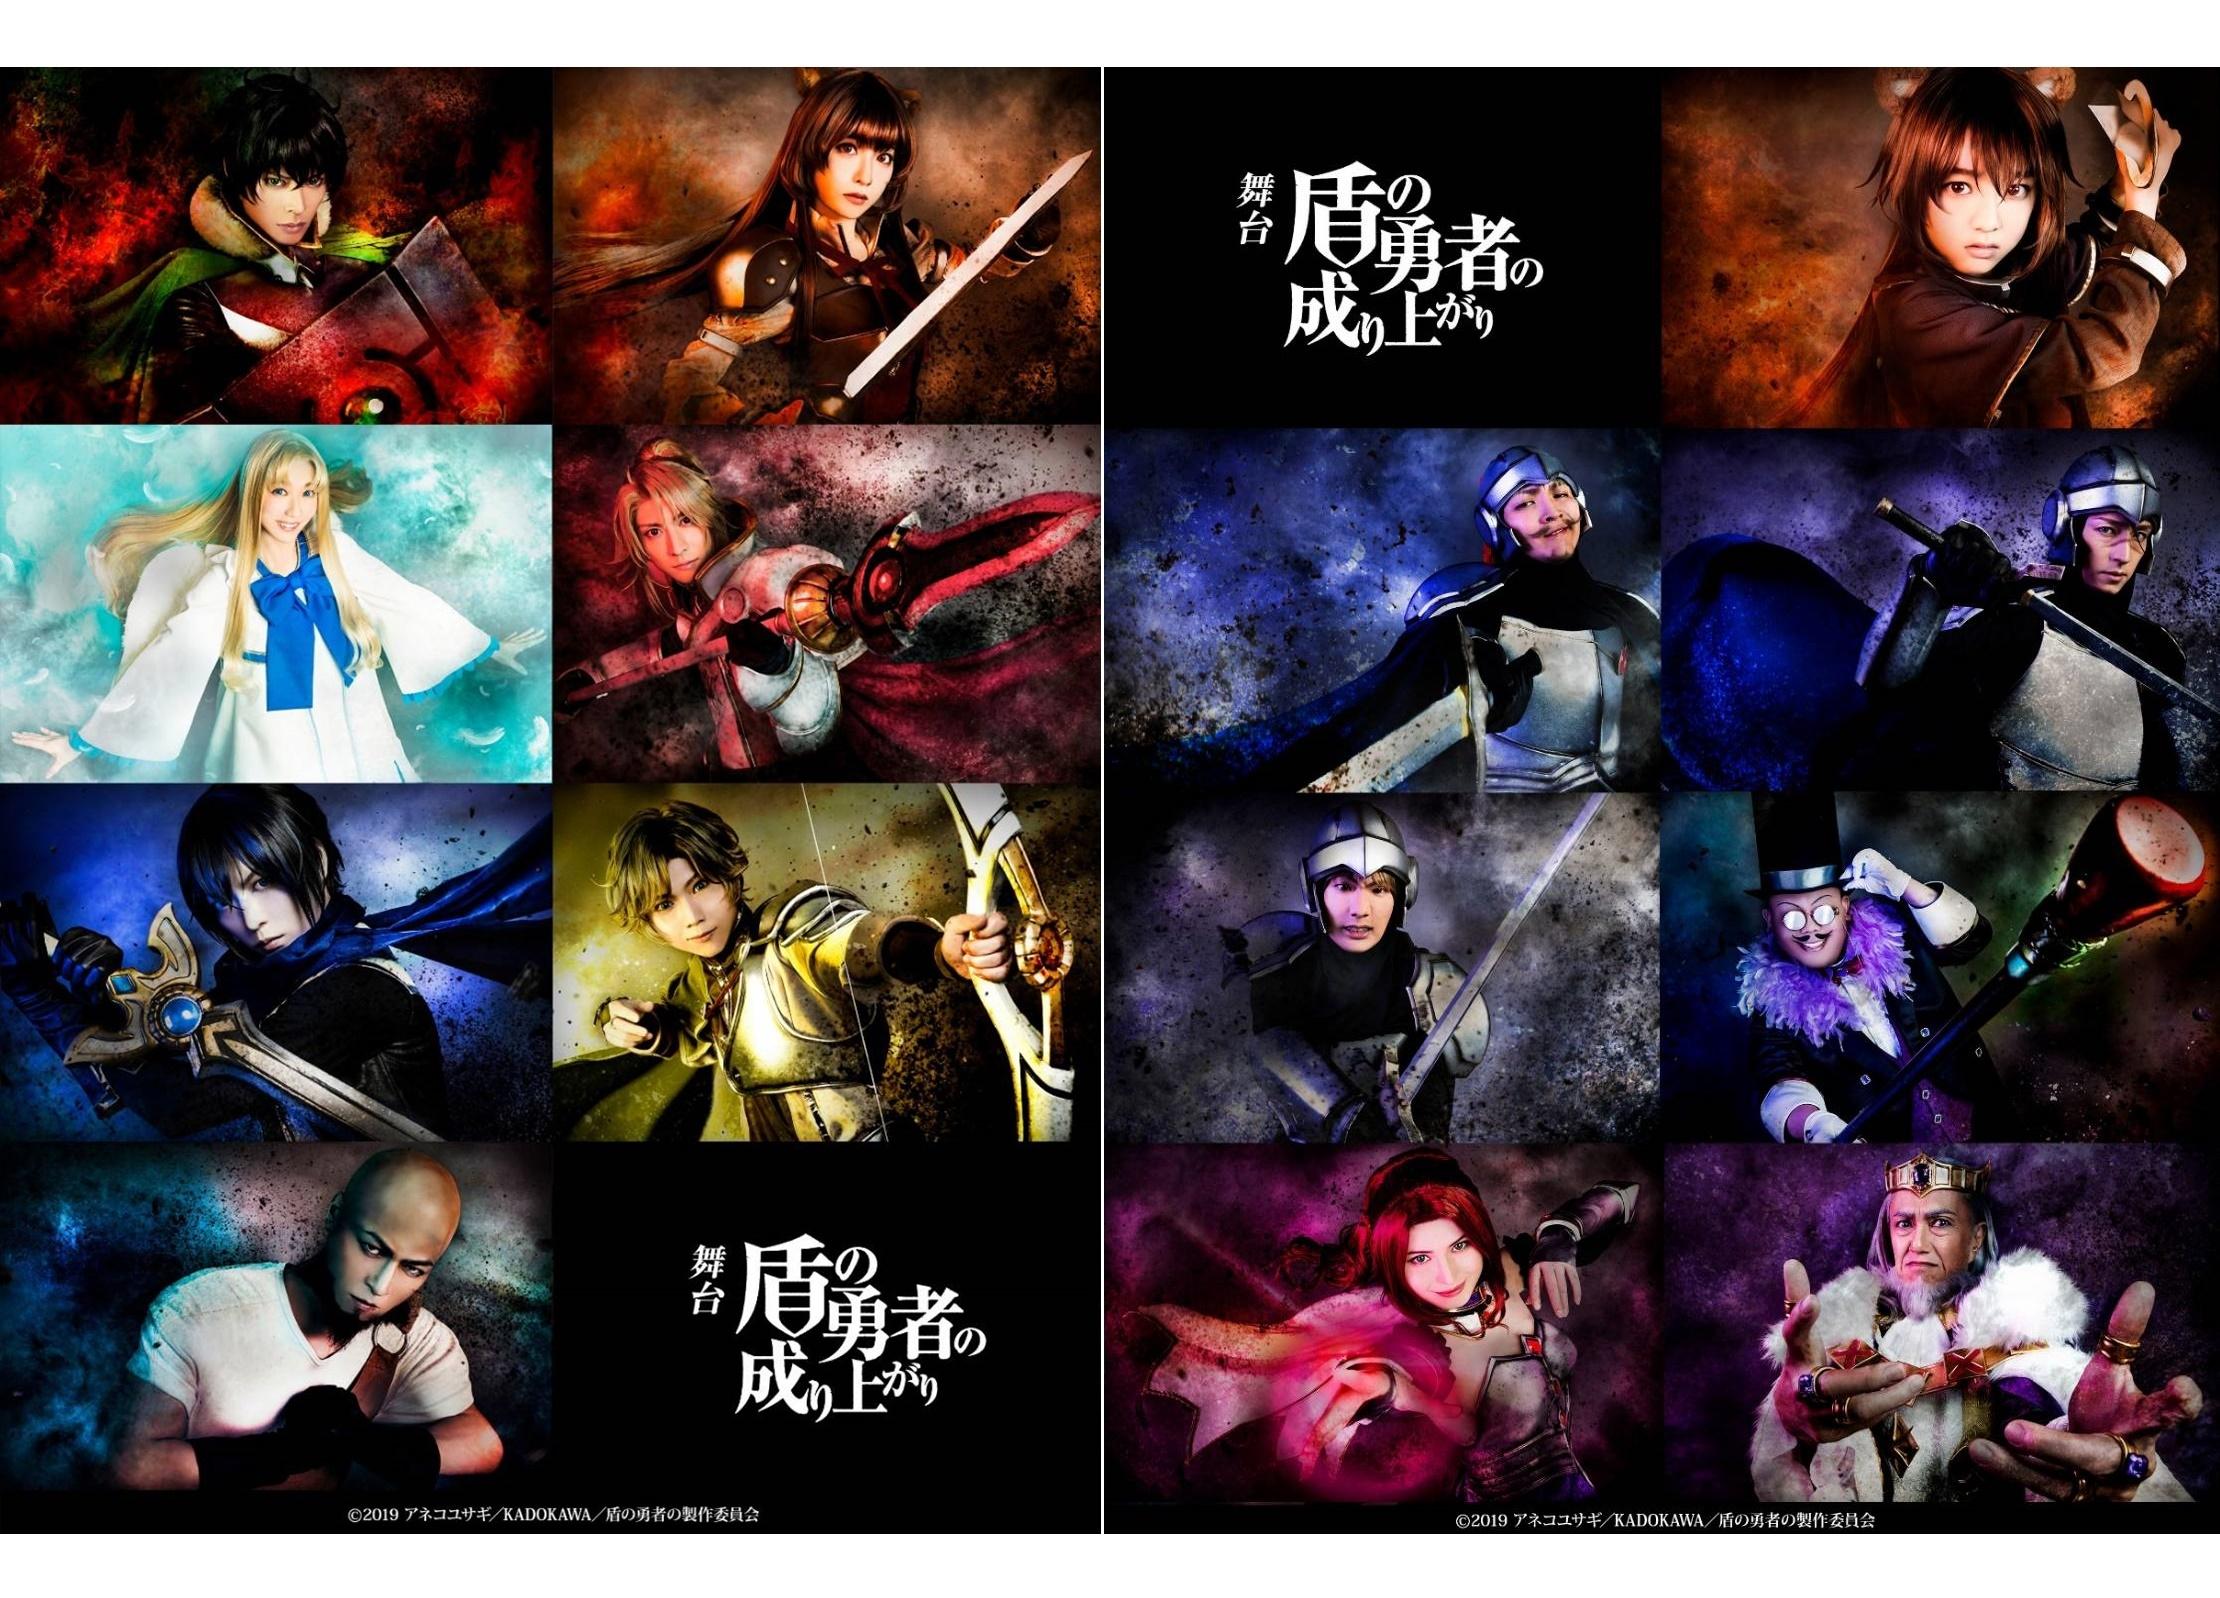 舞台『盾の勇者の成り上がり』幻の公演がBlu-ray&DVD化